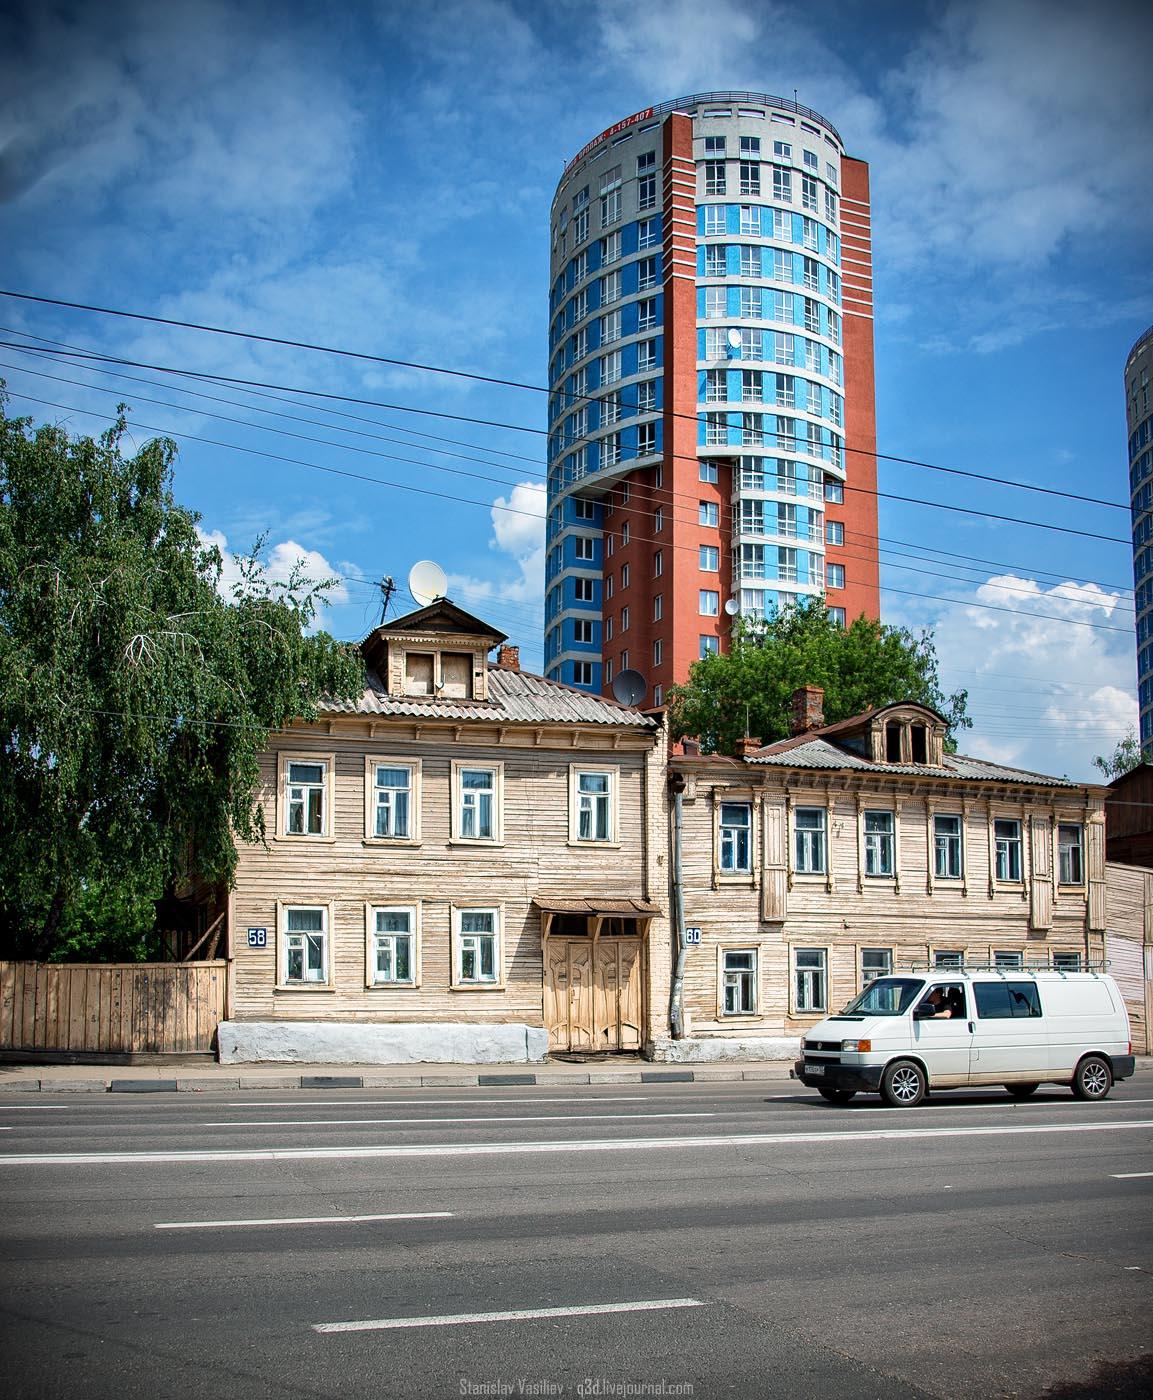 Экспедиция по Золотому кольцу, день 3: Суздаль – Нижний Новгород